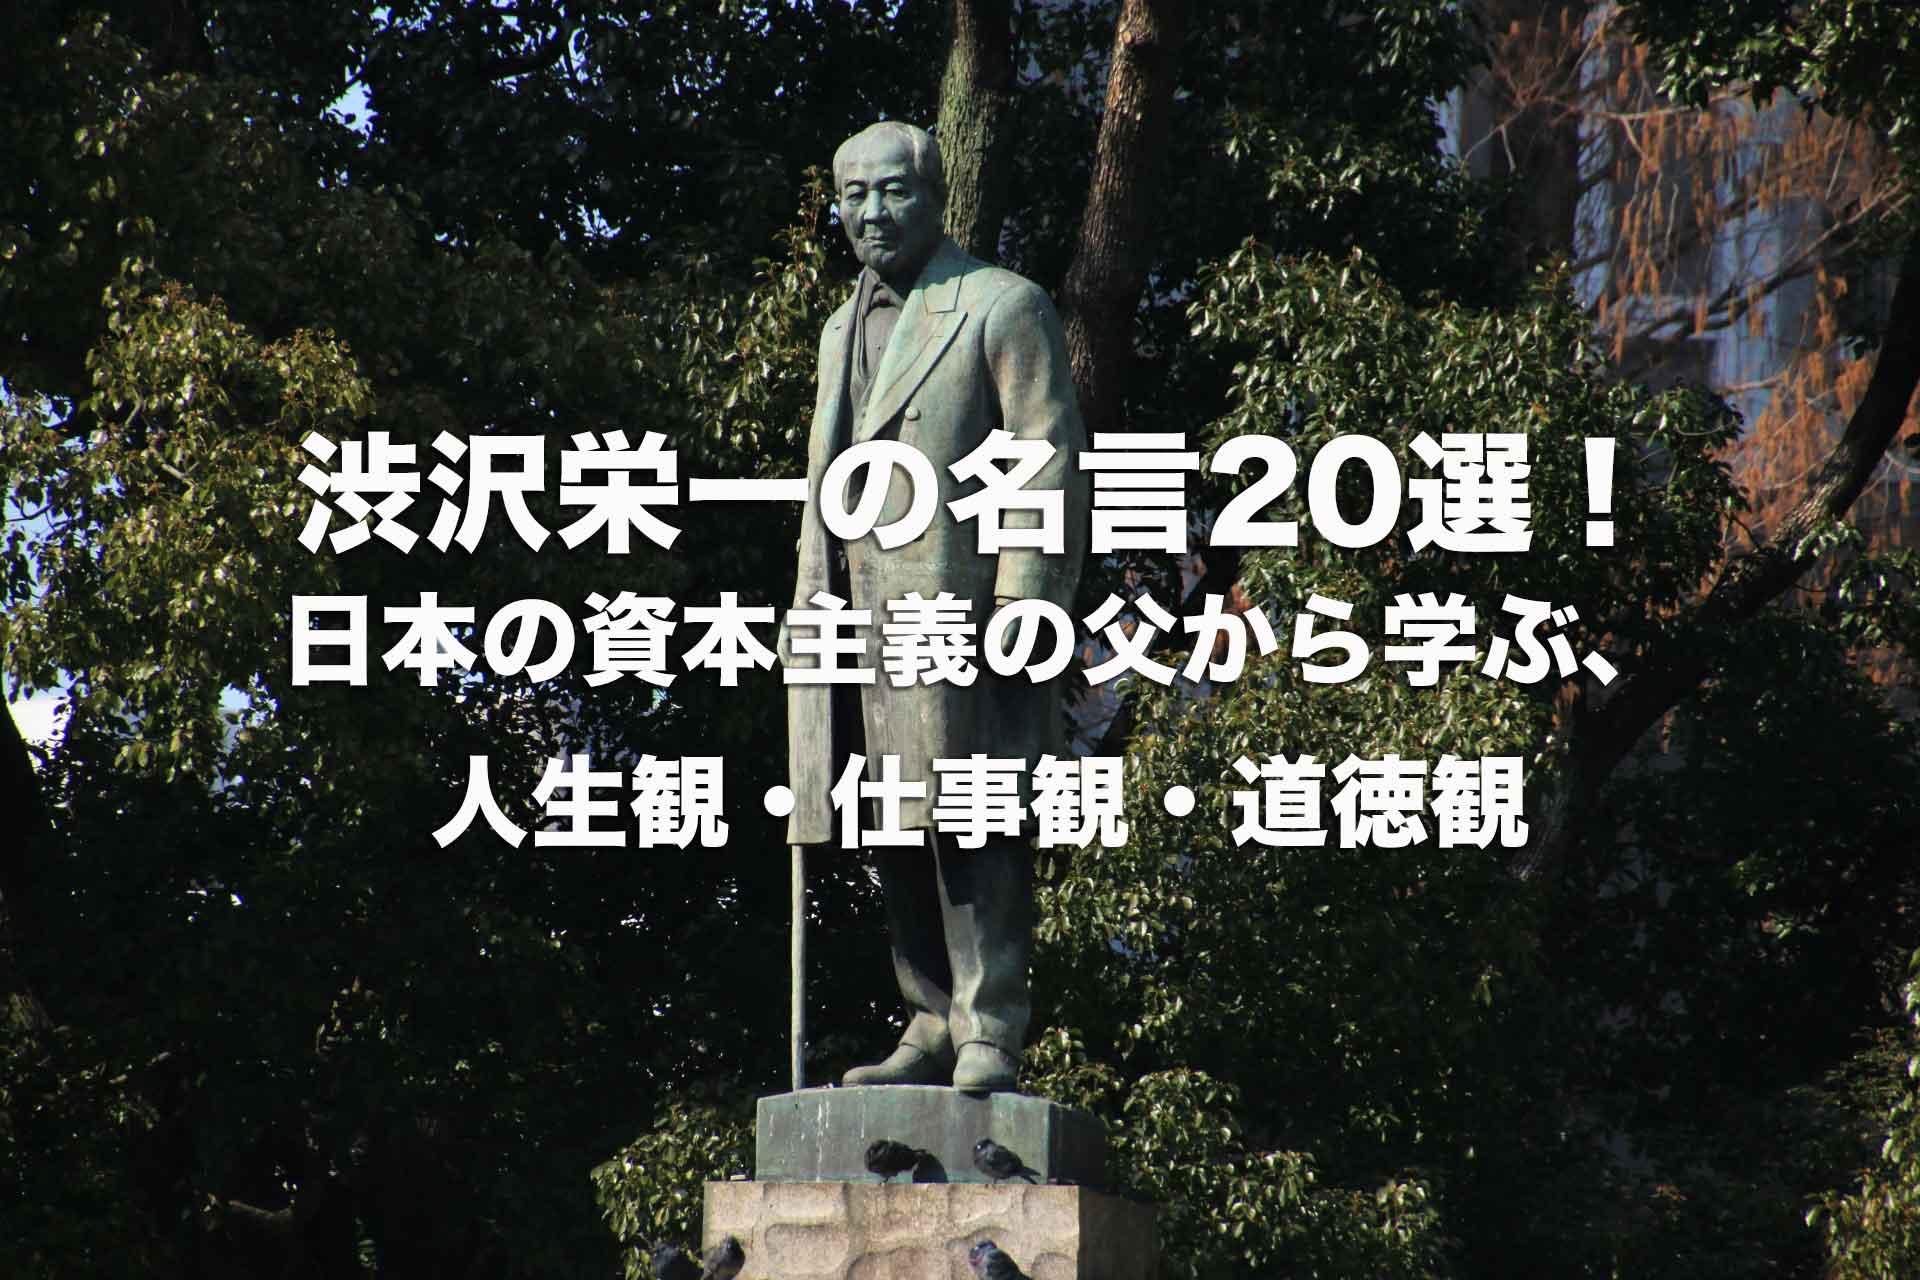 日本の資本主義の父から学ぶ、人生観・仕事観・道徳観